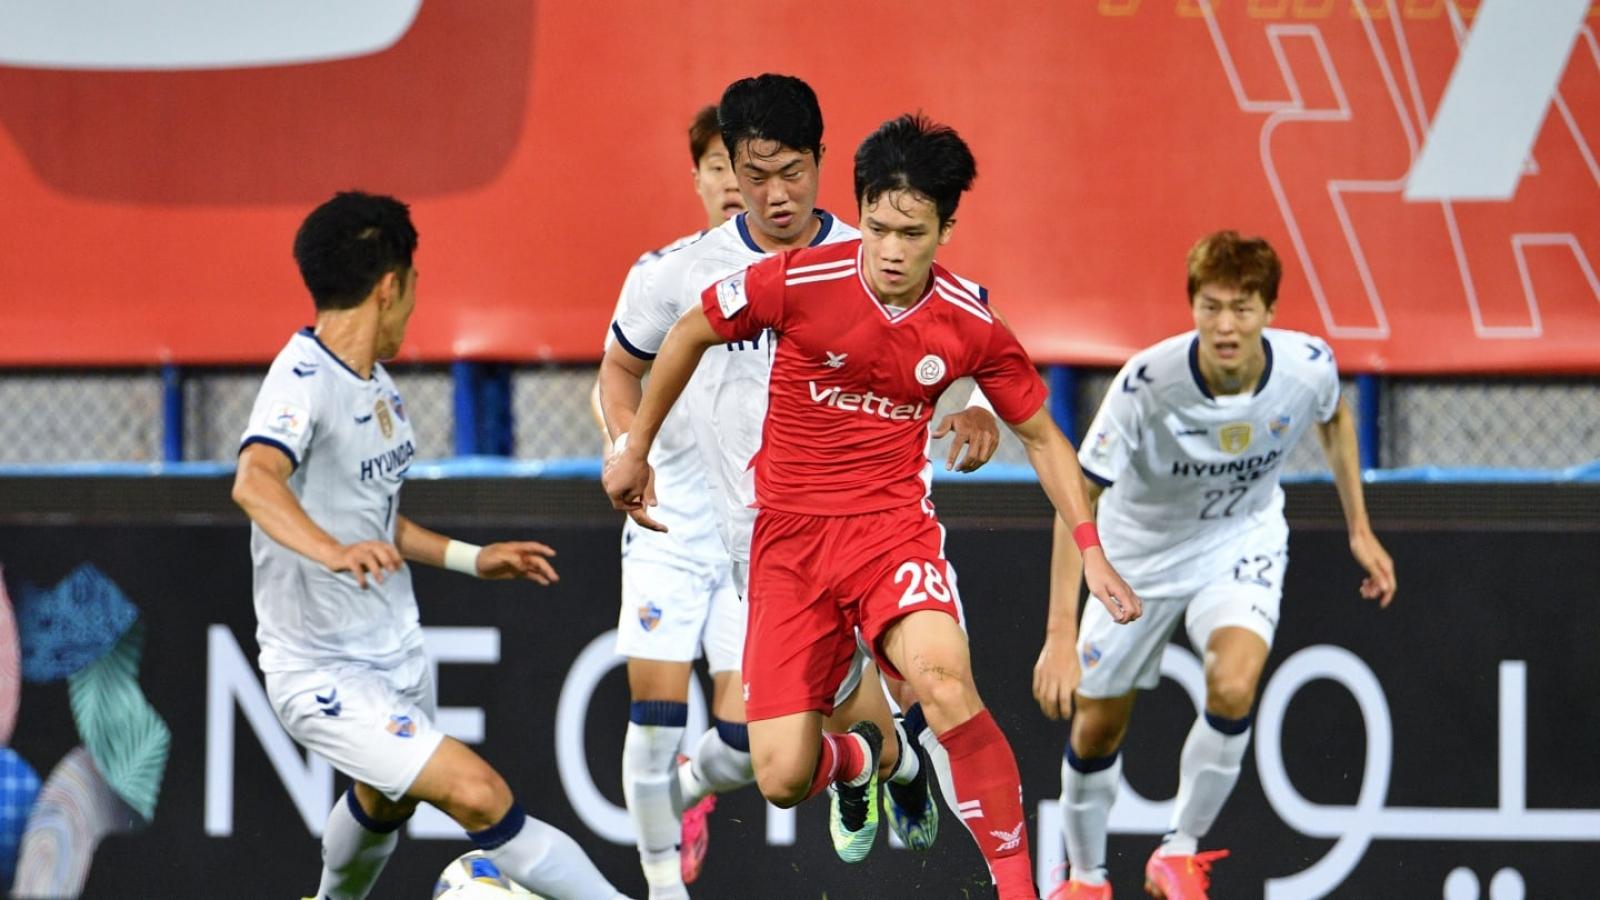 Viettel FC – Ulsan Hyundai: Ngáng chân nhà vô địch?